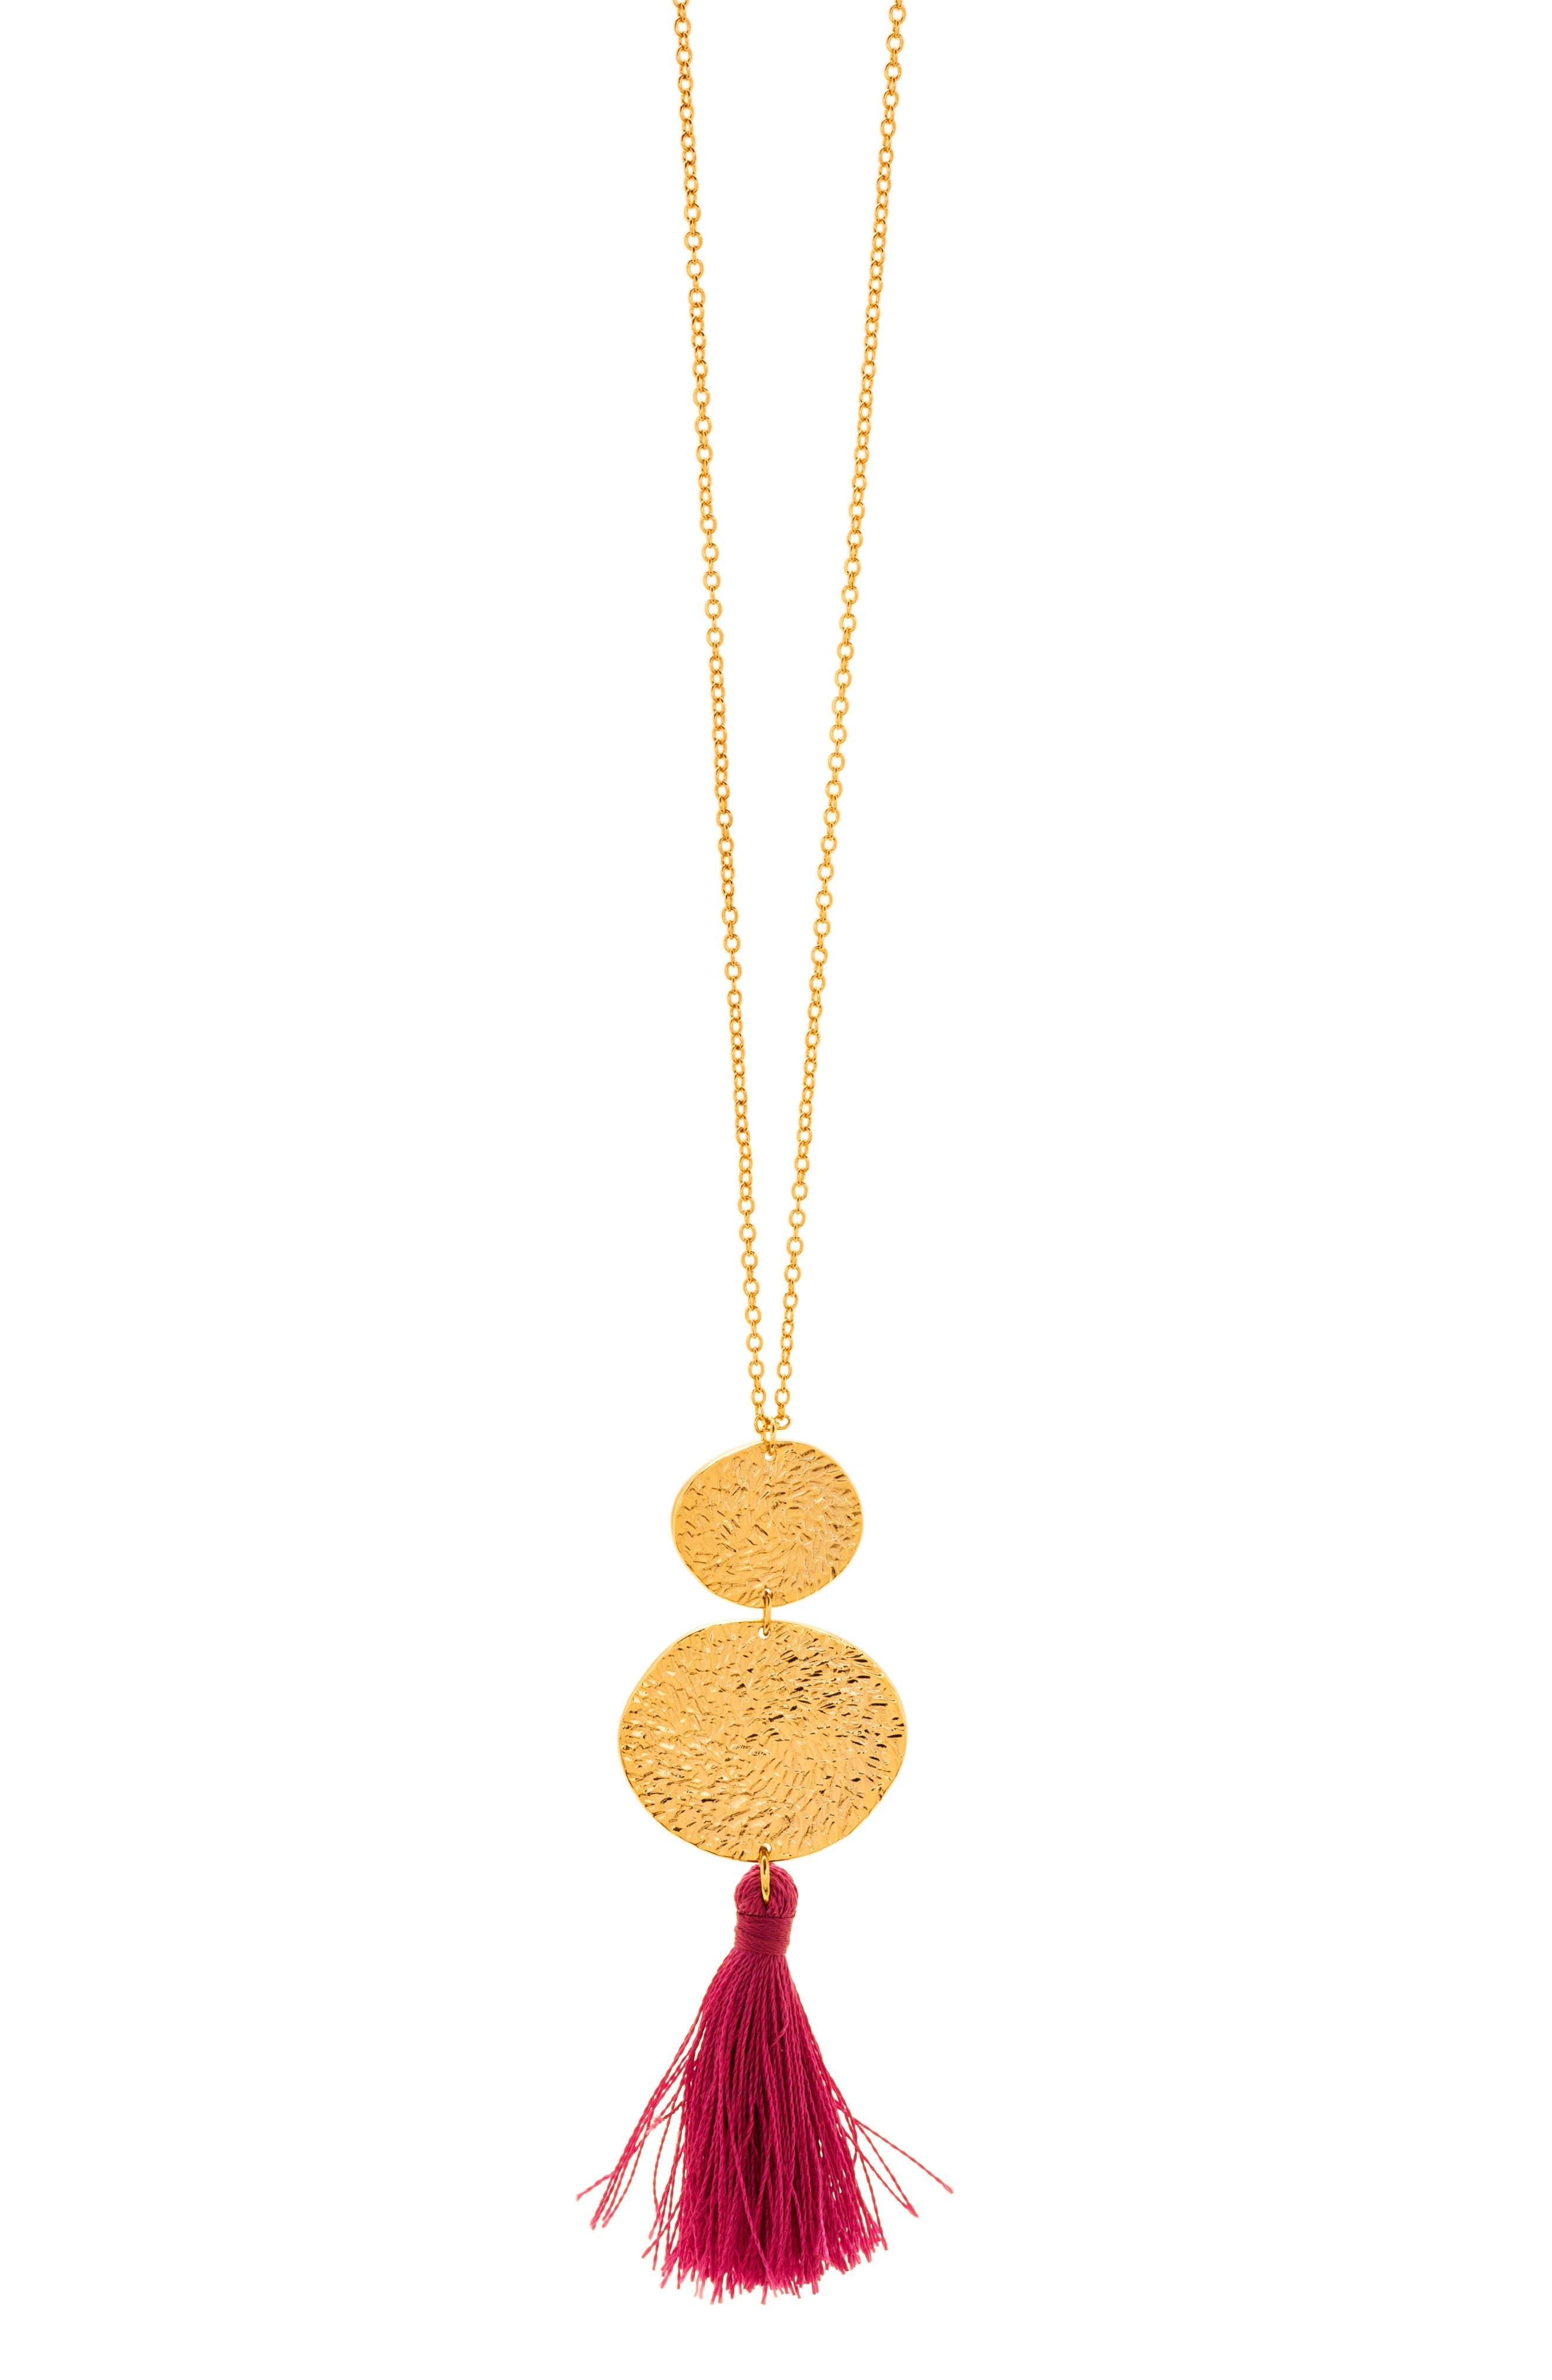 Phoenix Pendant Necklace,                             Alternate thumbnail 2, color,                             BERRY/GOLD